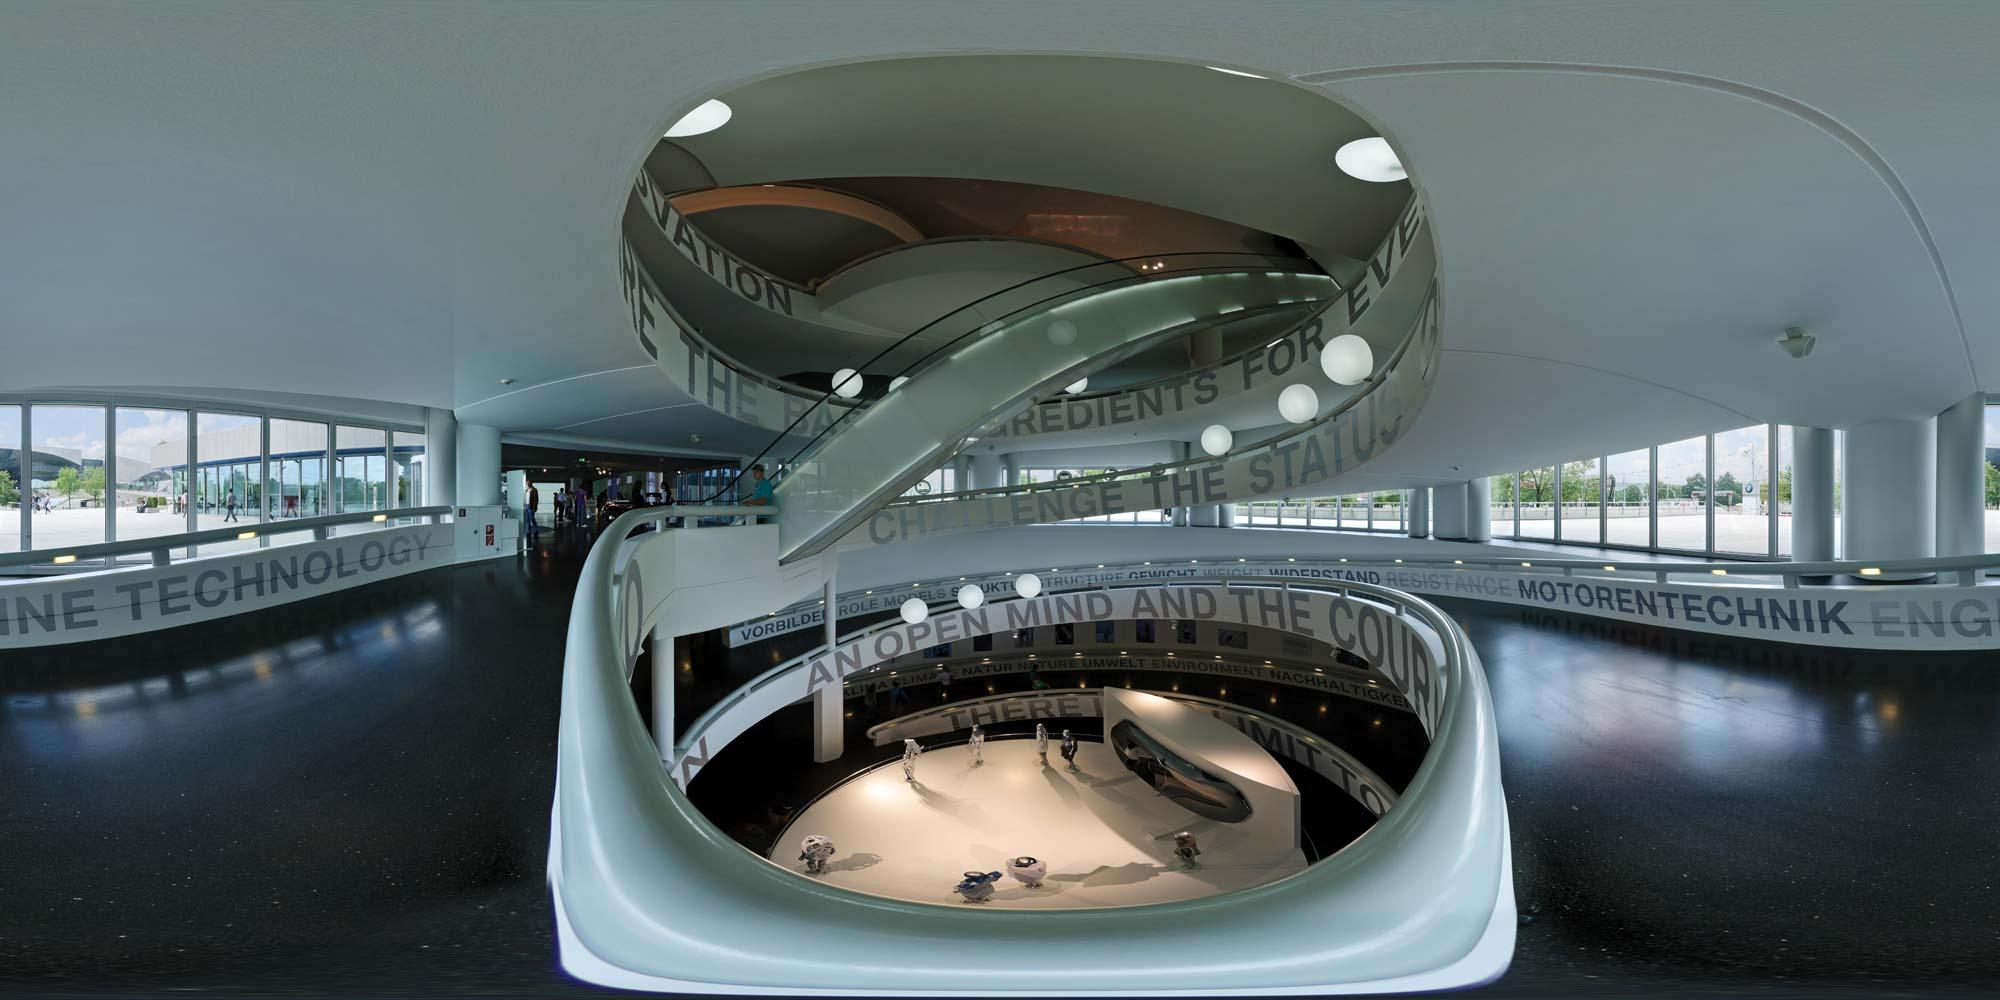 kubische panoramen panorama foto m nchen bmw gel nde bmw museum innen. Black Bedroom Furniture Sets. Home Design Ideas